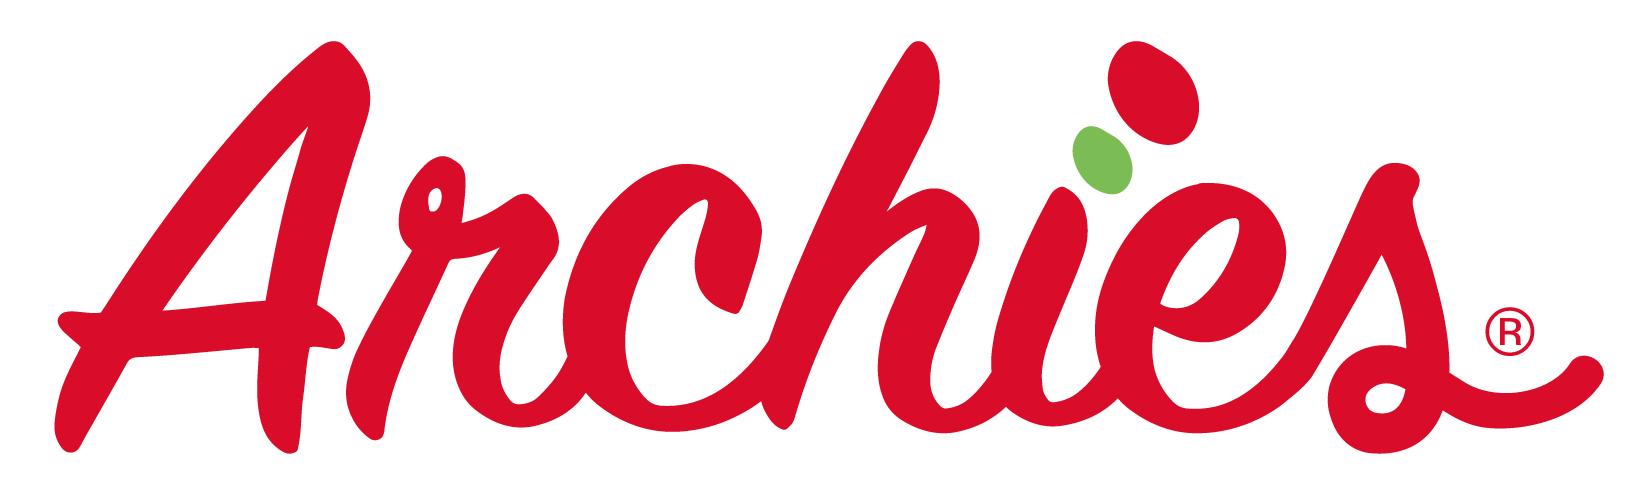 Archies Metro 127